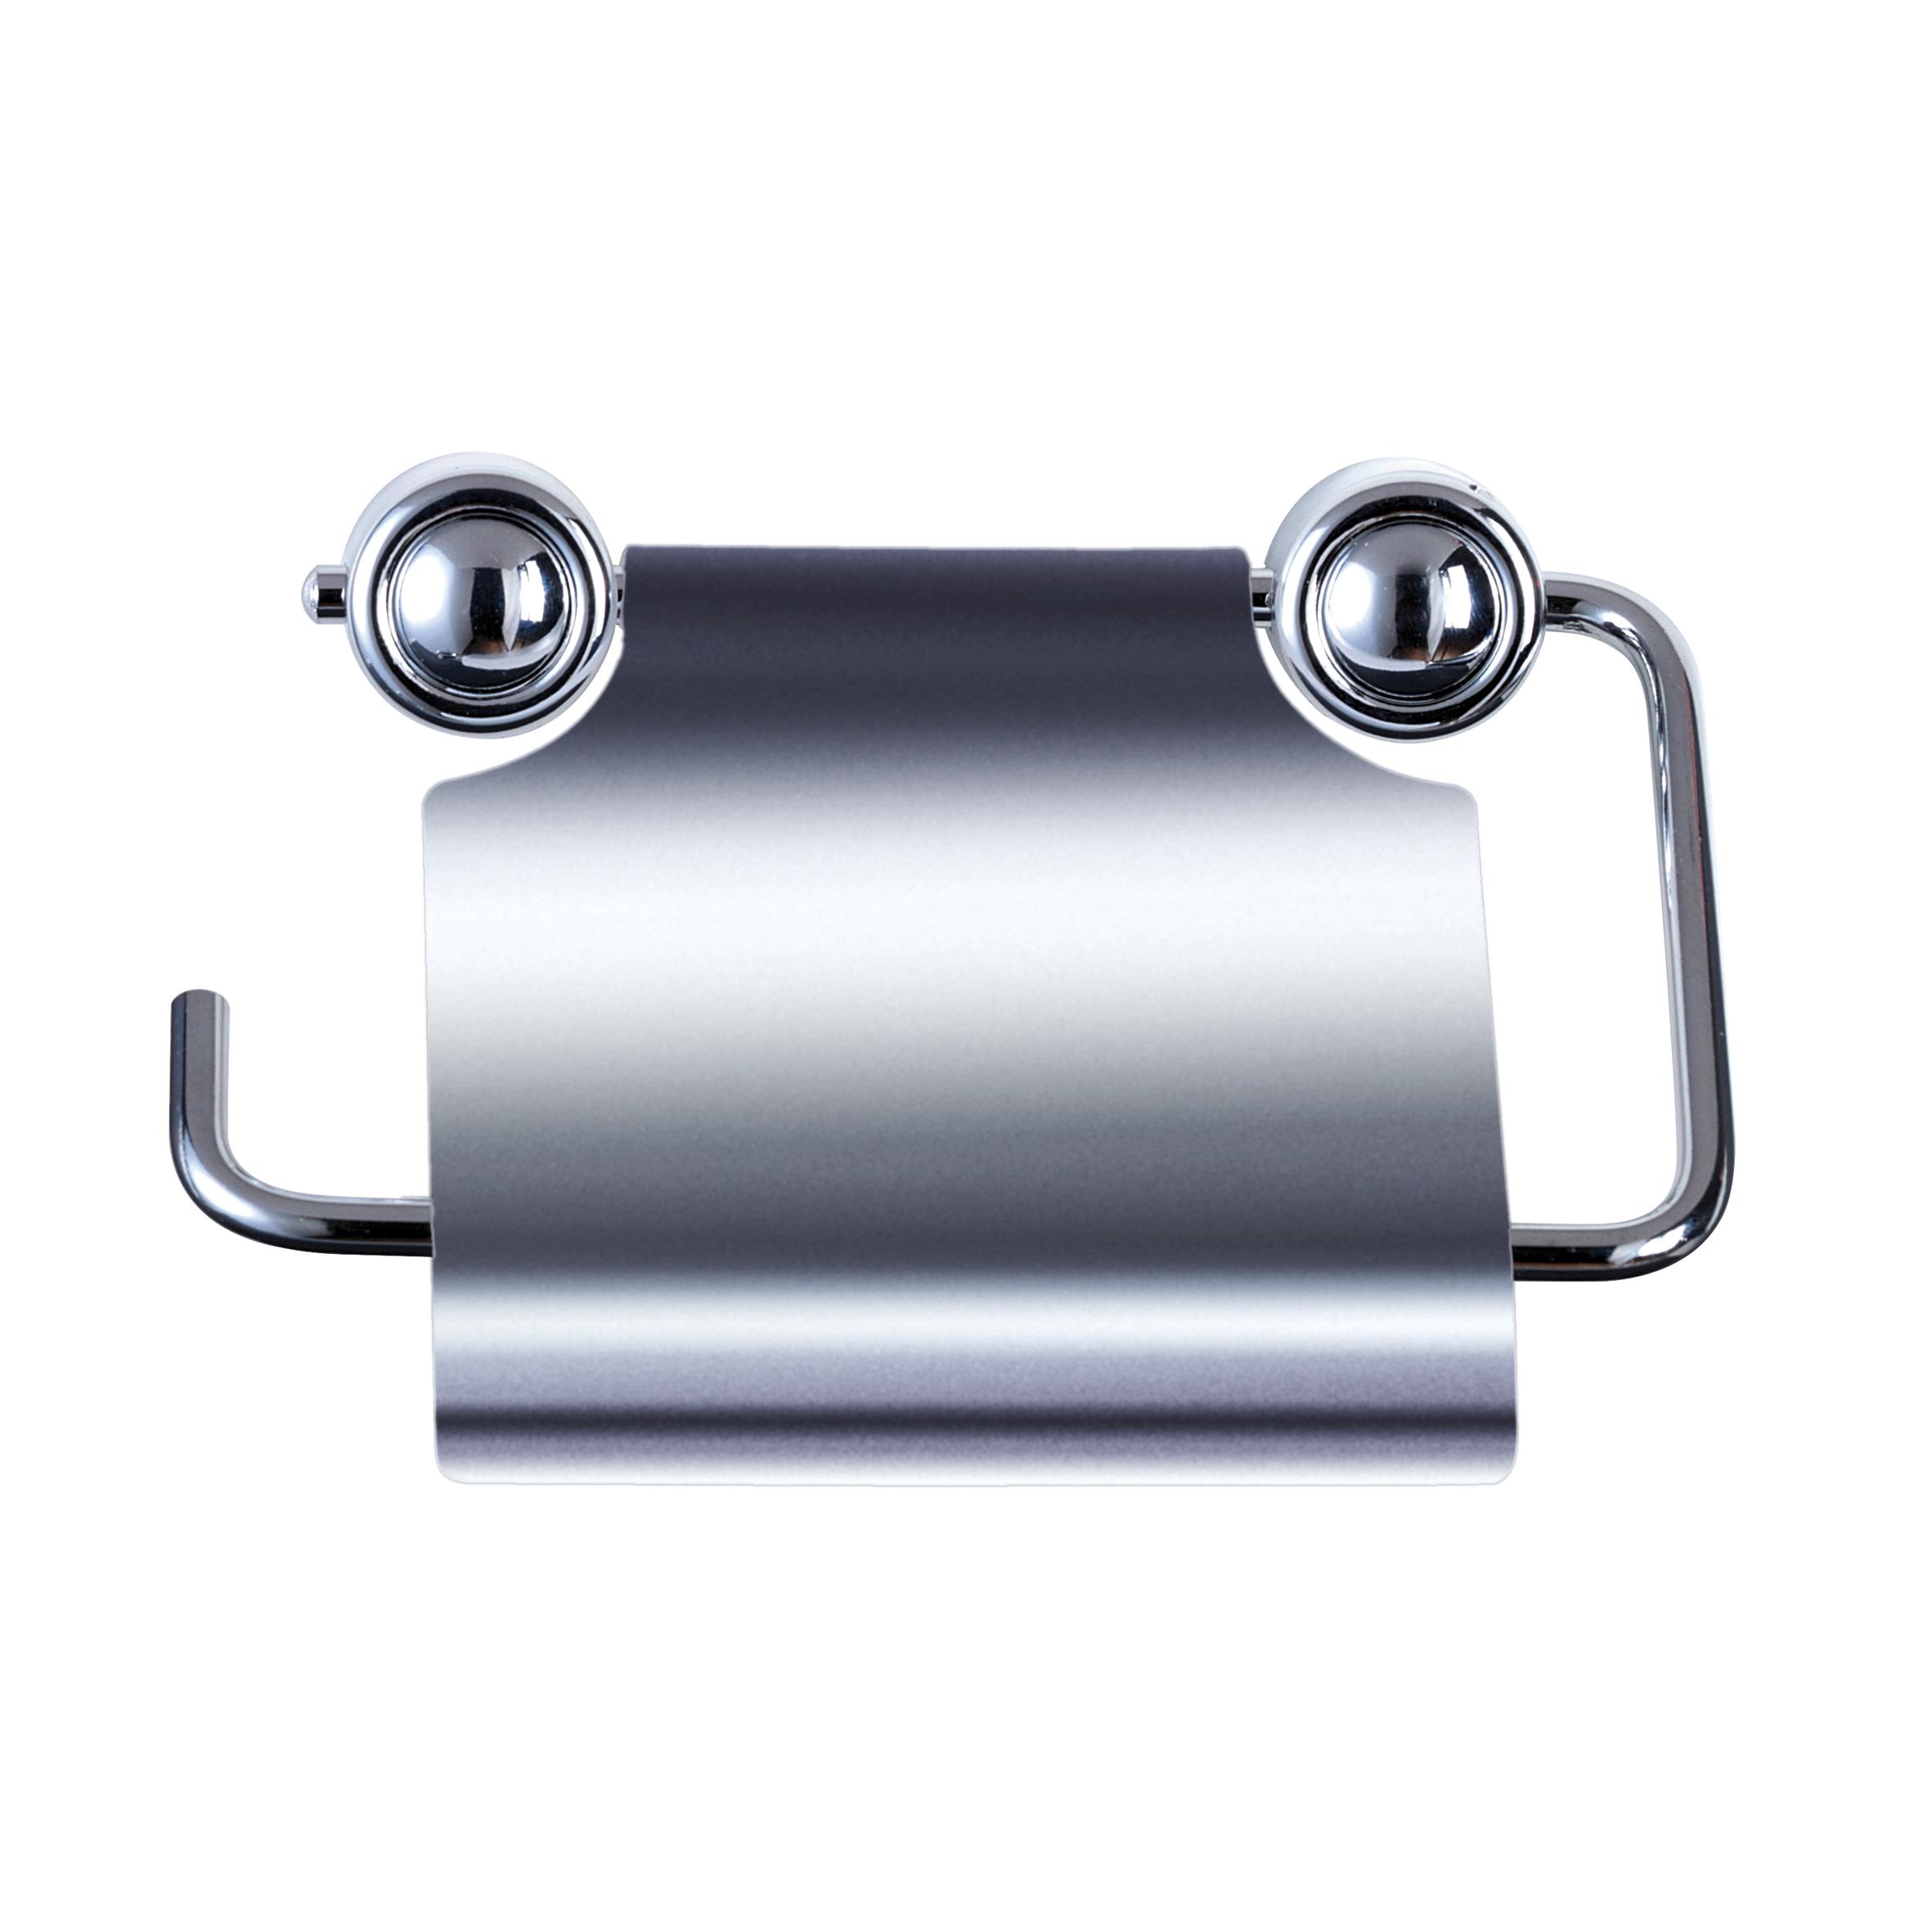 Держатель для туалетной бумаги Axentia Atlantik, с крышкой, 13 х 10 х 13,3 см280031Держатель для туалетной бумаги Axentia Atlantik, выполненный из высококачественной хромированной и нержавеющей стали, оснащен крышкой. Изделие крепится на стену с помощью шурупов (входят в комплект). Держатель поможет оформить интерьер в выбранном стиле, разбавляя пространство туалетной комнаты различными элементами. Он хорошо впишется в любой интерьер, придавая ему черты современности. Отлично сочетается с другими аксессуарами из коллекции Atlantik. Размер держателя: 13 х 10 х 13,3 см.